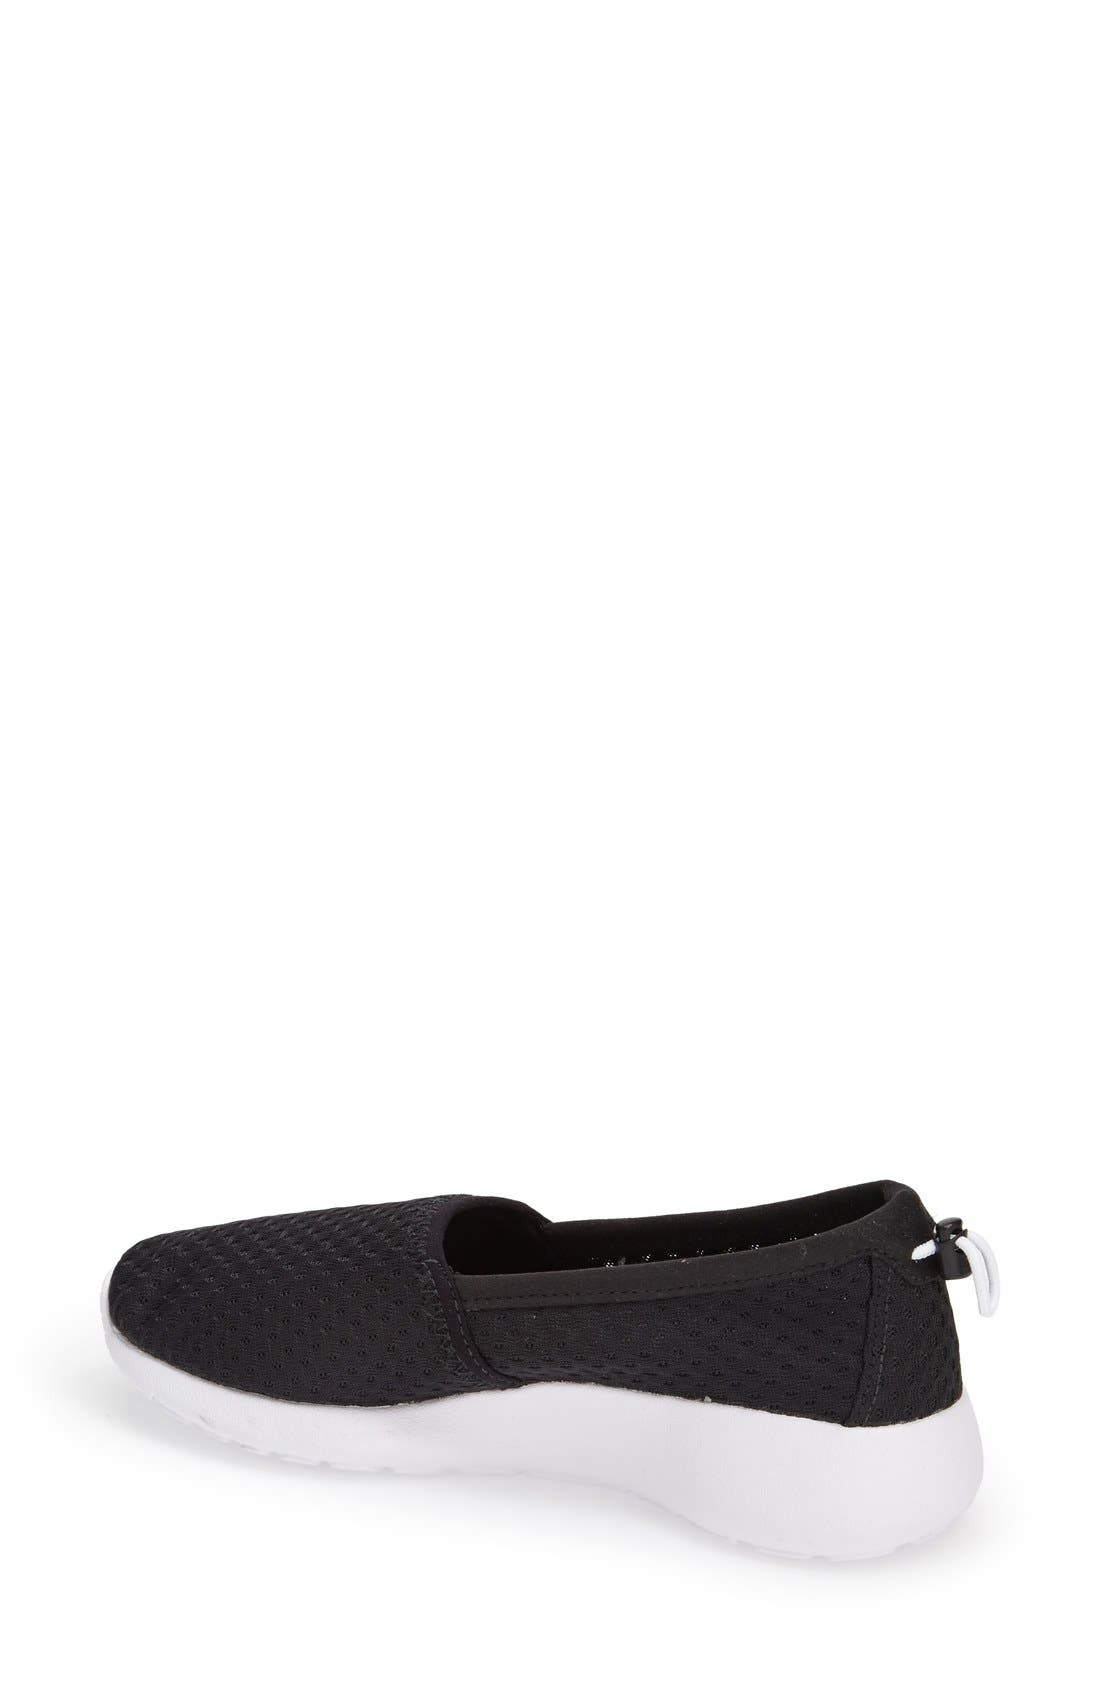 Alternate Image 2  - Nike 'Roshe Run' Slip-On Sneaker (Women)